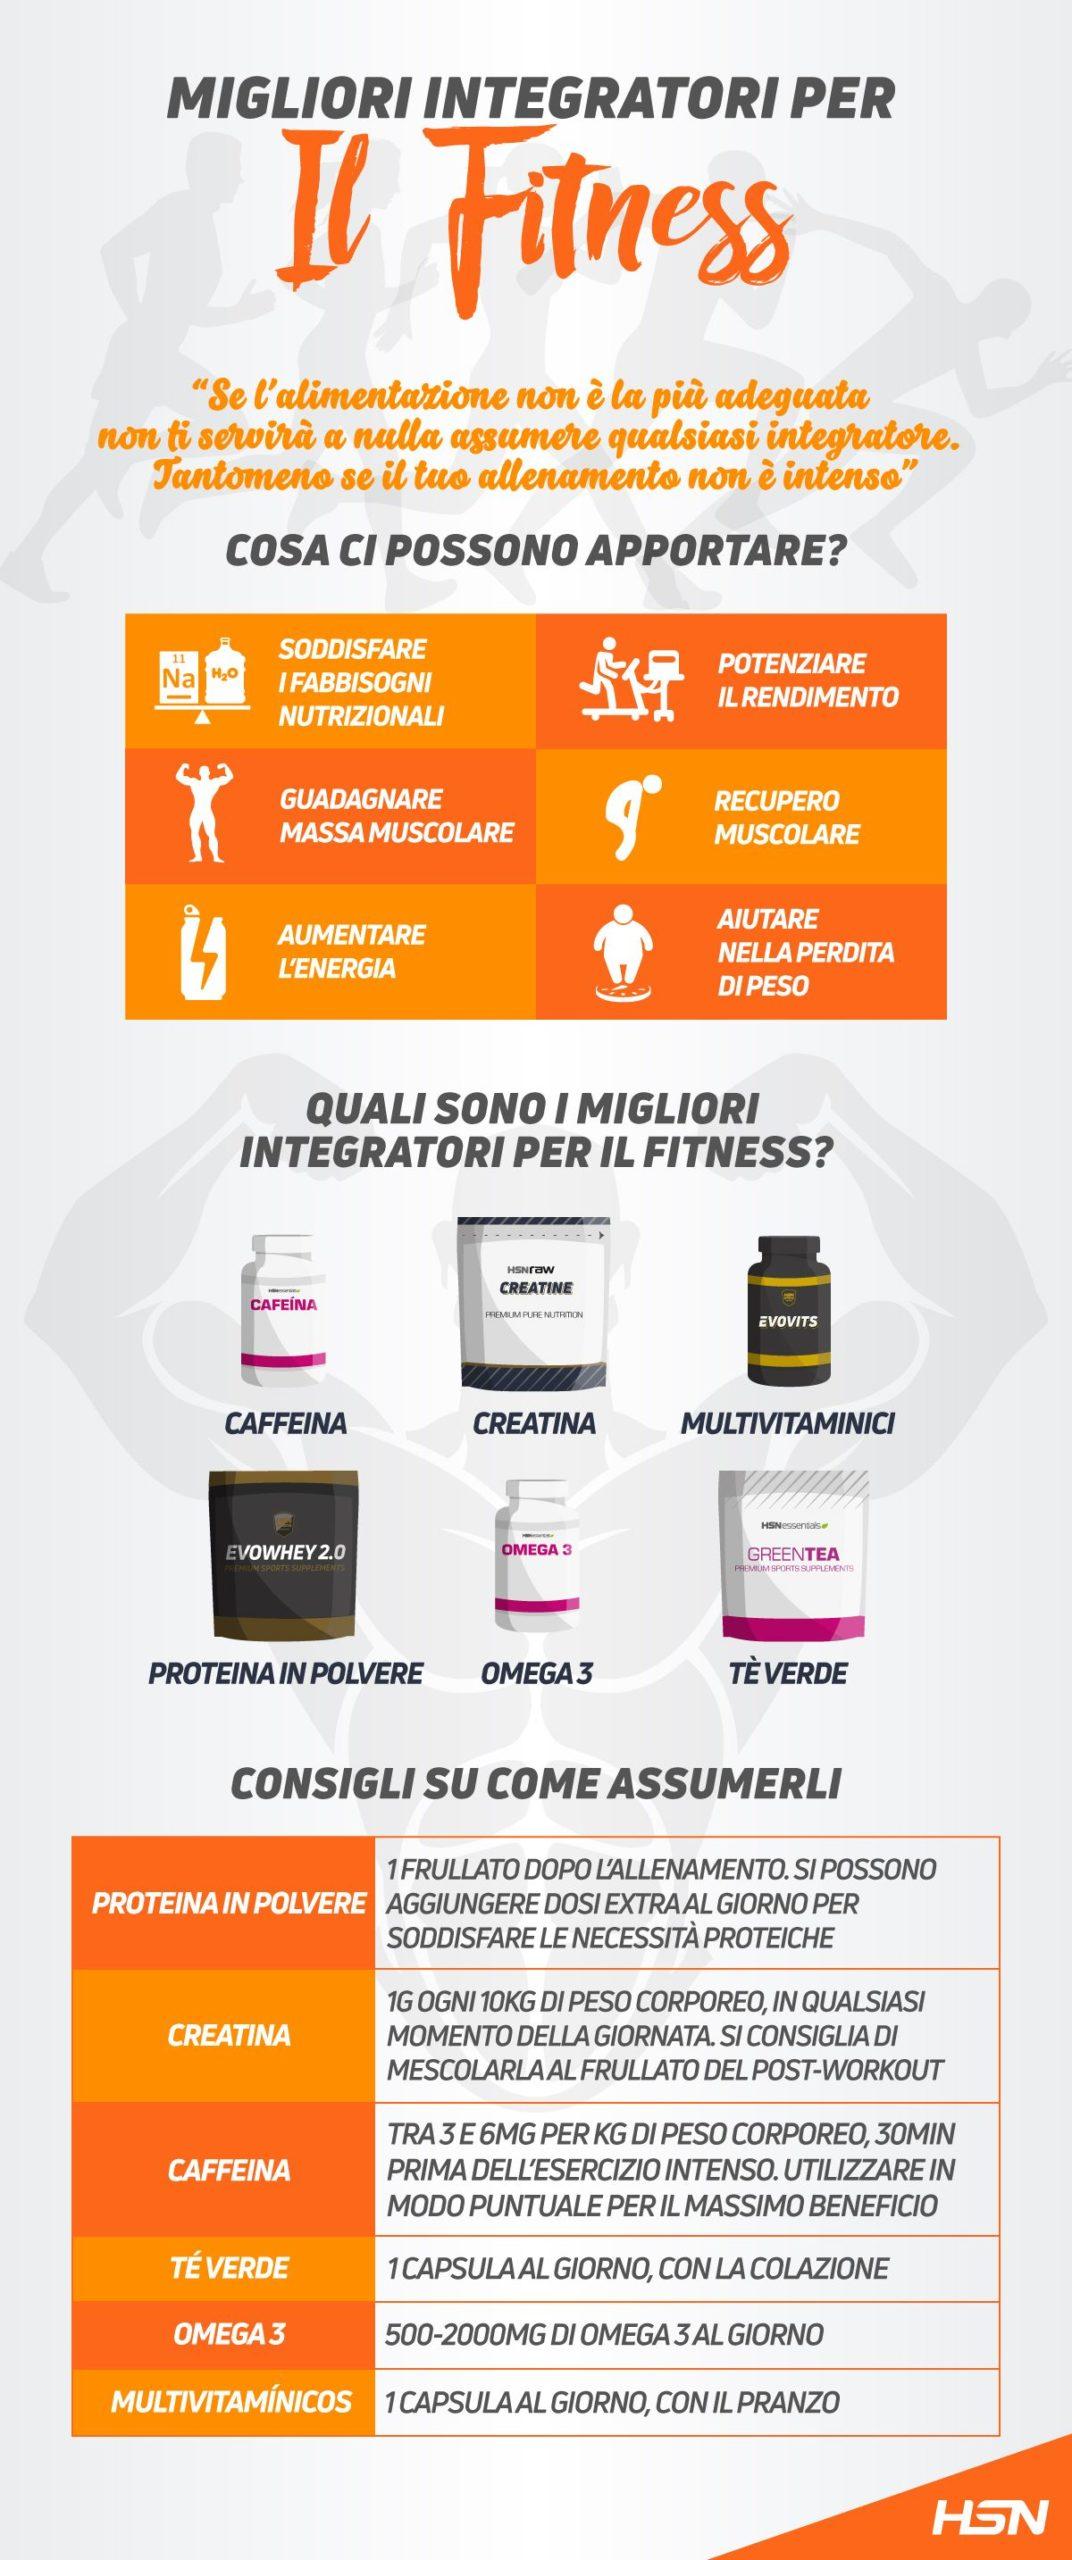 info-integratori-per-il-fitness